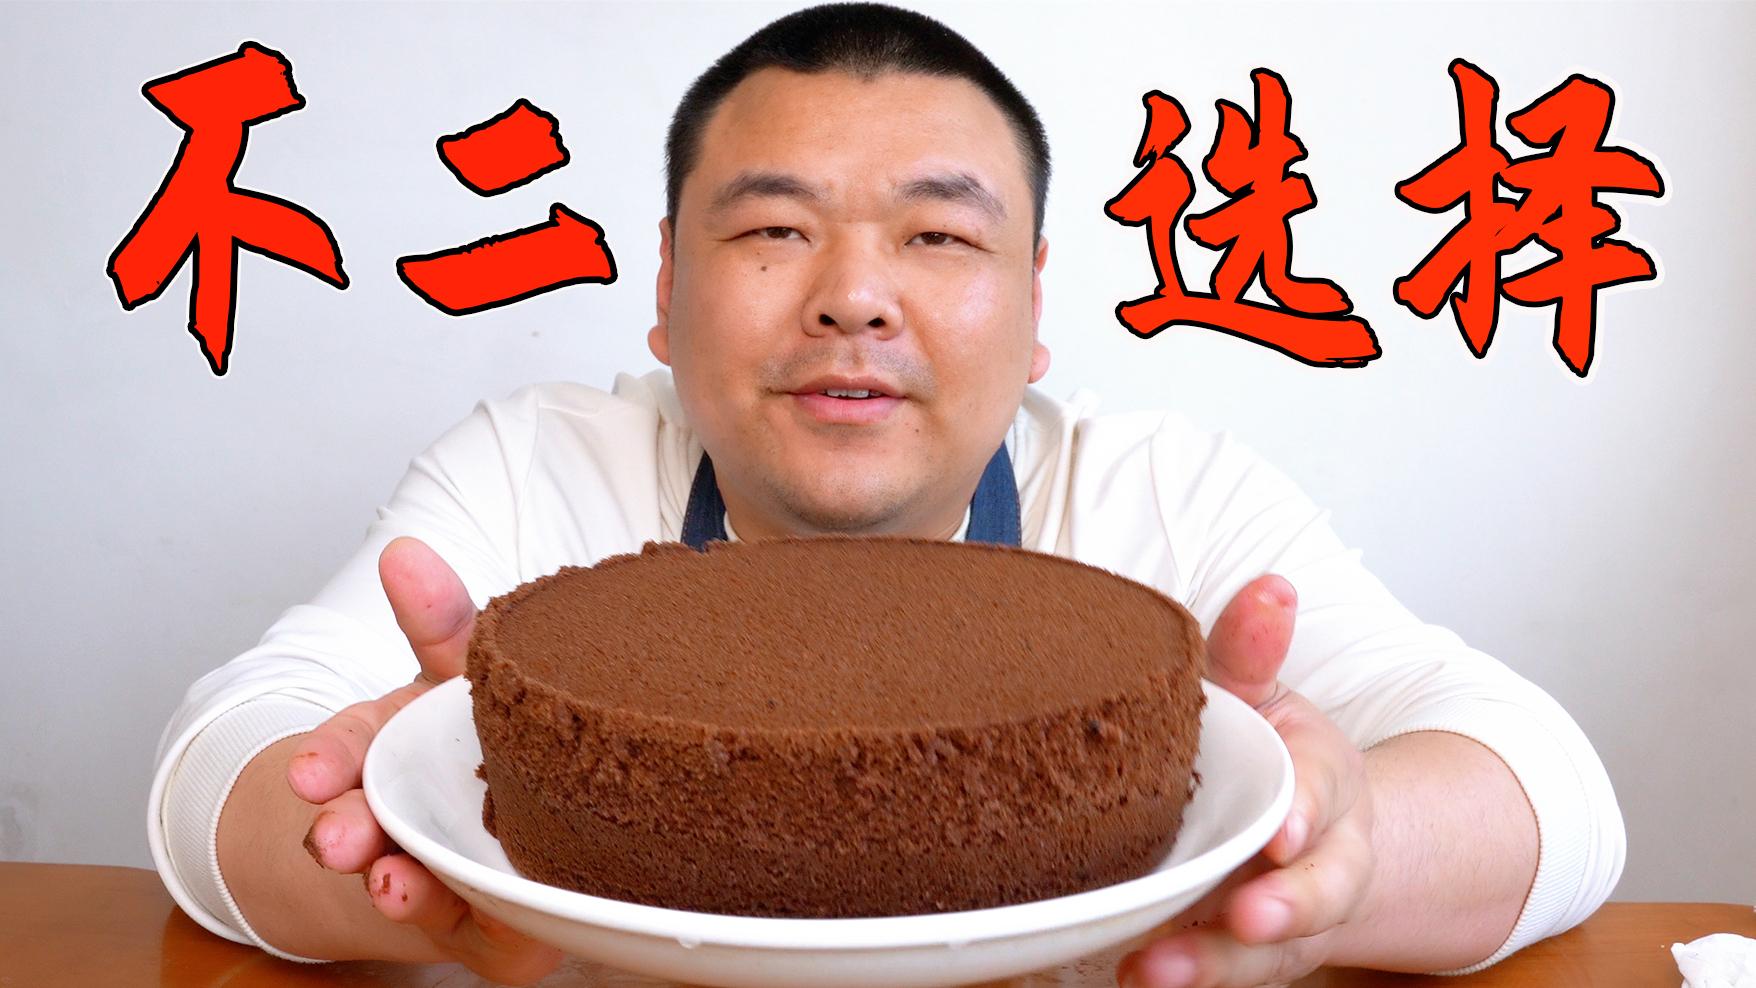 别犯二,这才是最好的戚风蛋糕的做法,手残一次成功【巧克力戚风蛋糕】牛牛牛